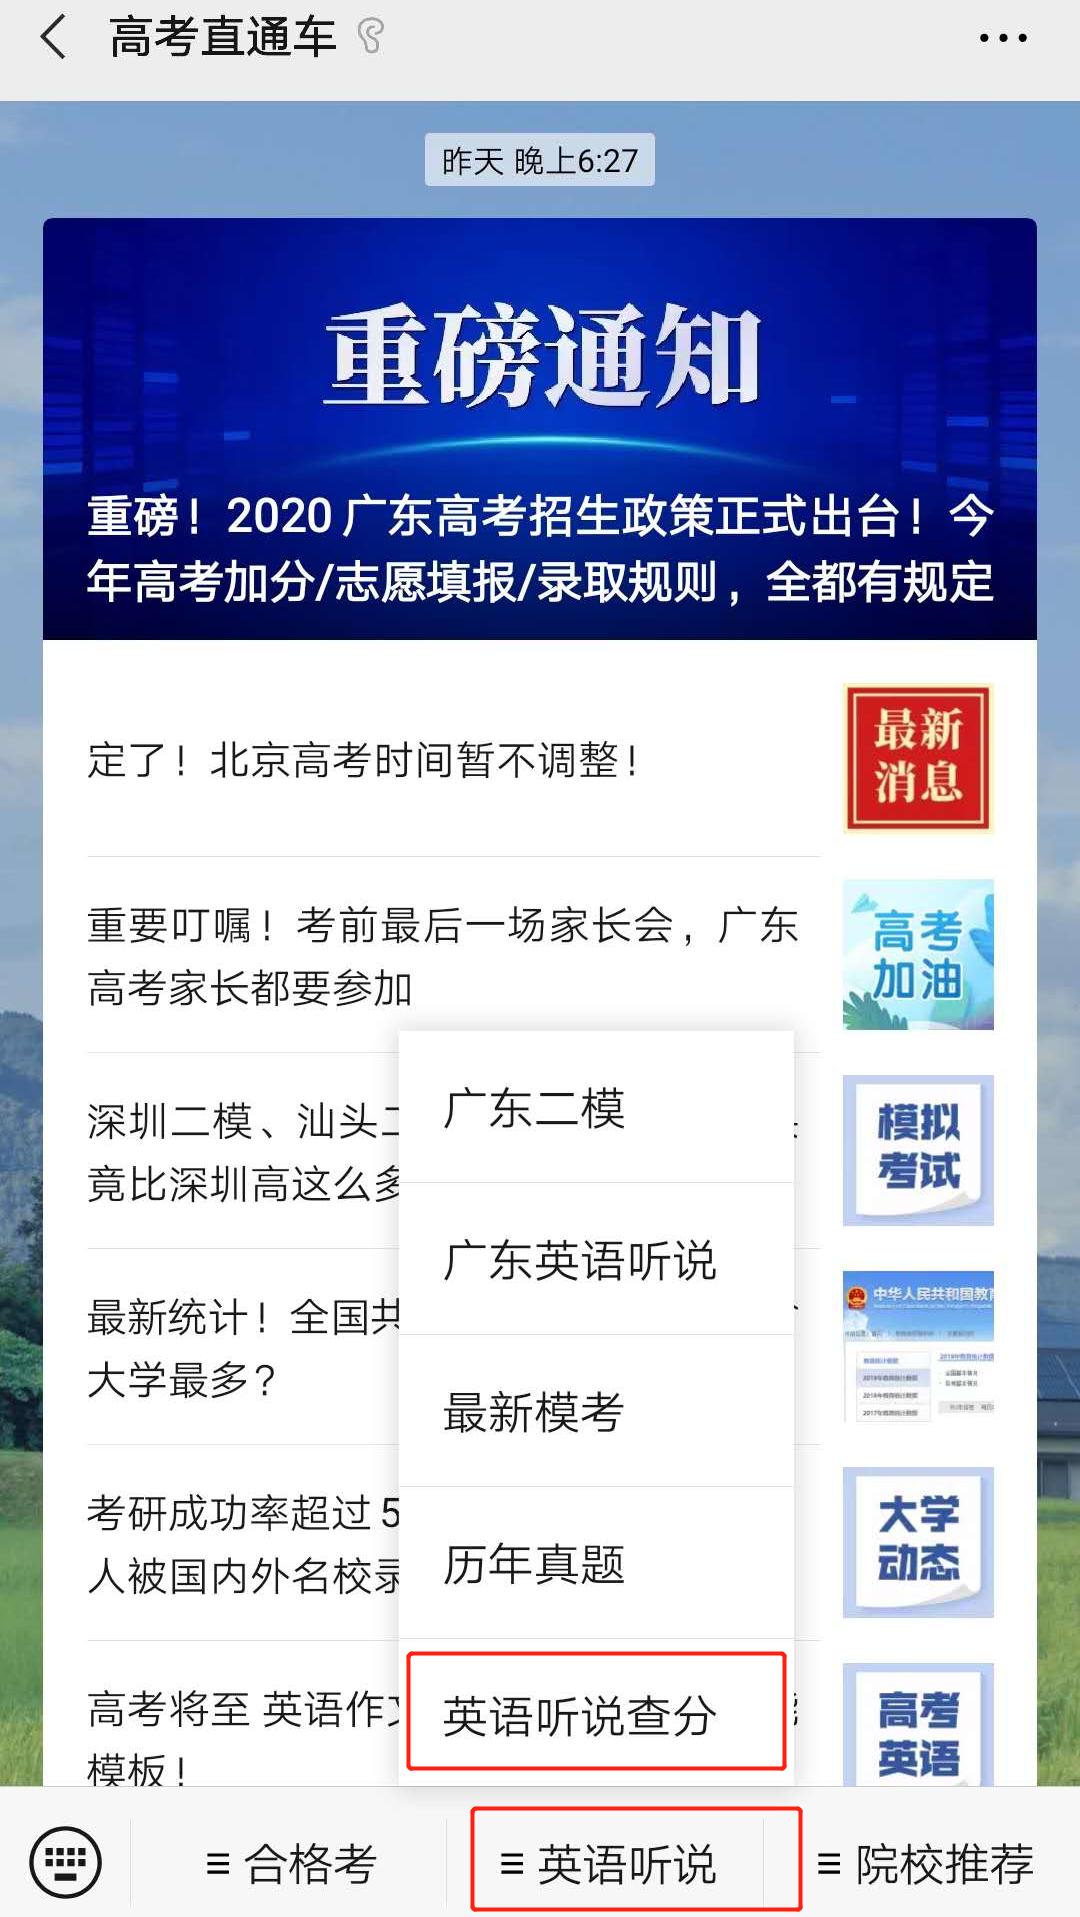 英语听说成绩_重磅!广东英语听说考试成绩延迟至7月公布!|英语|广东|教育 ...